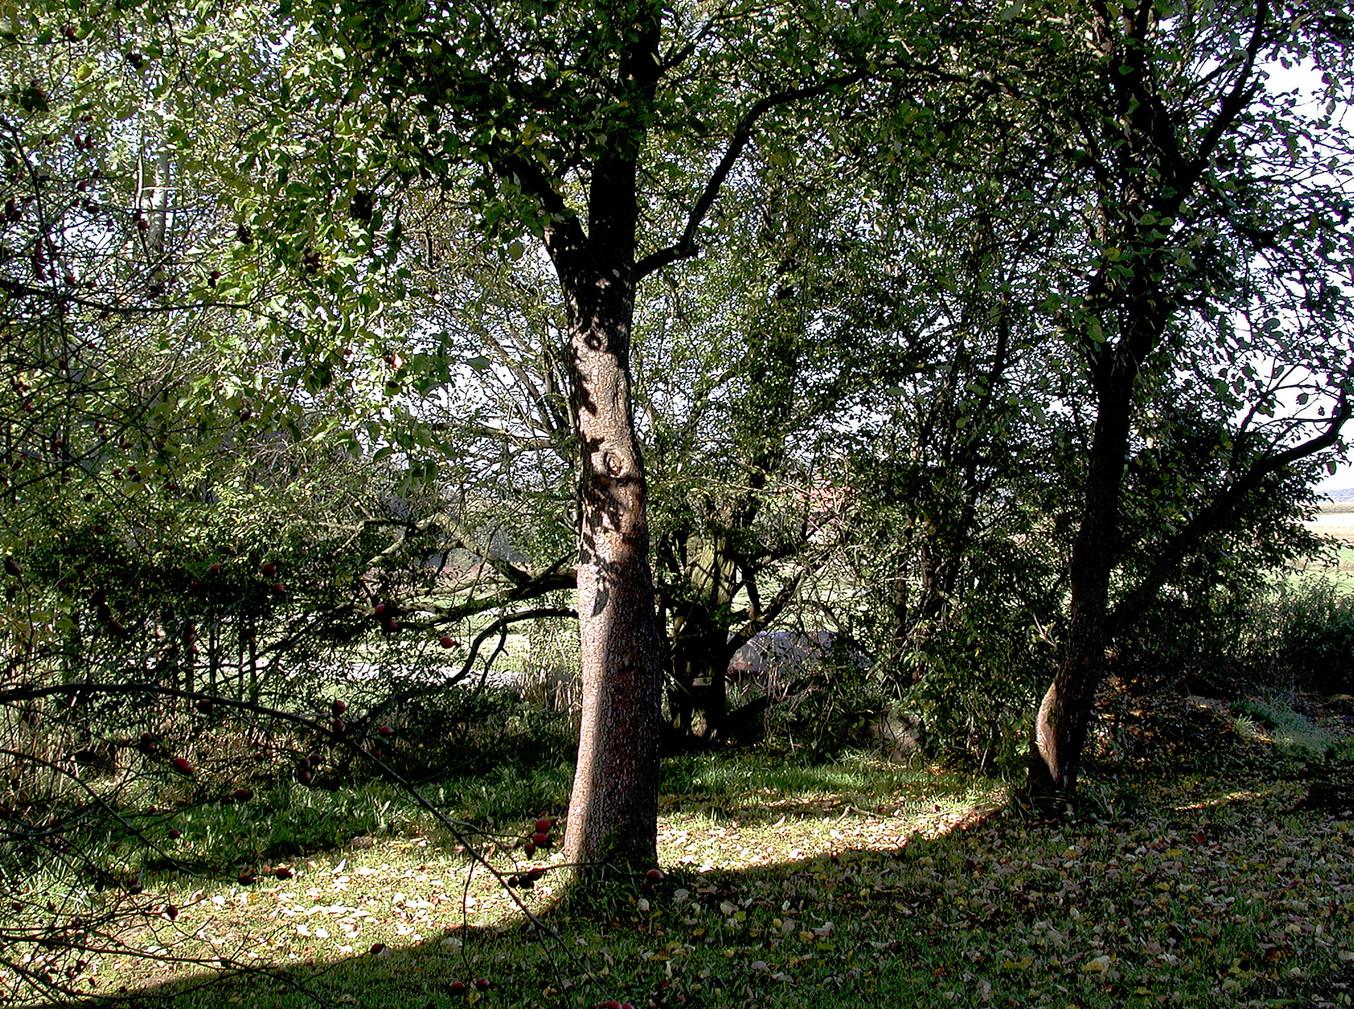 16_Von Bäumen, 2001, Fotografie, 30 x 40